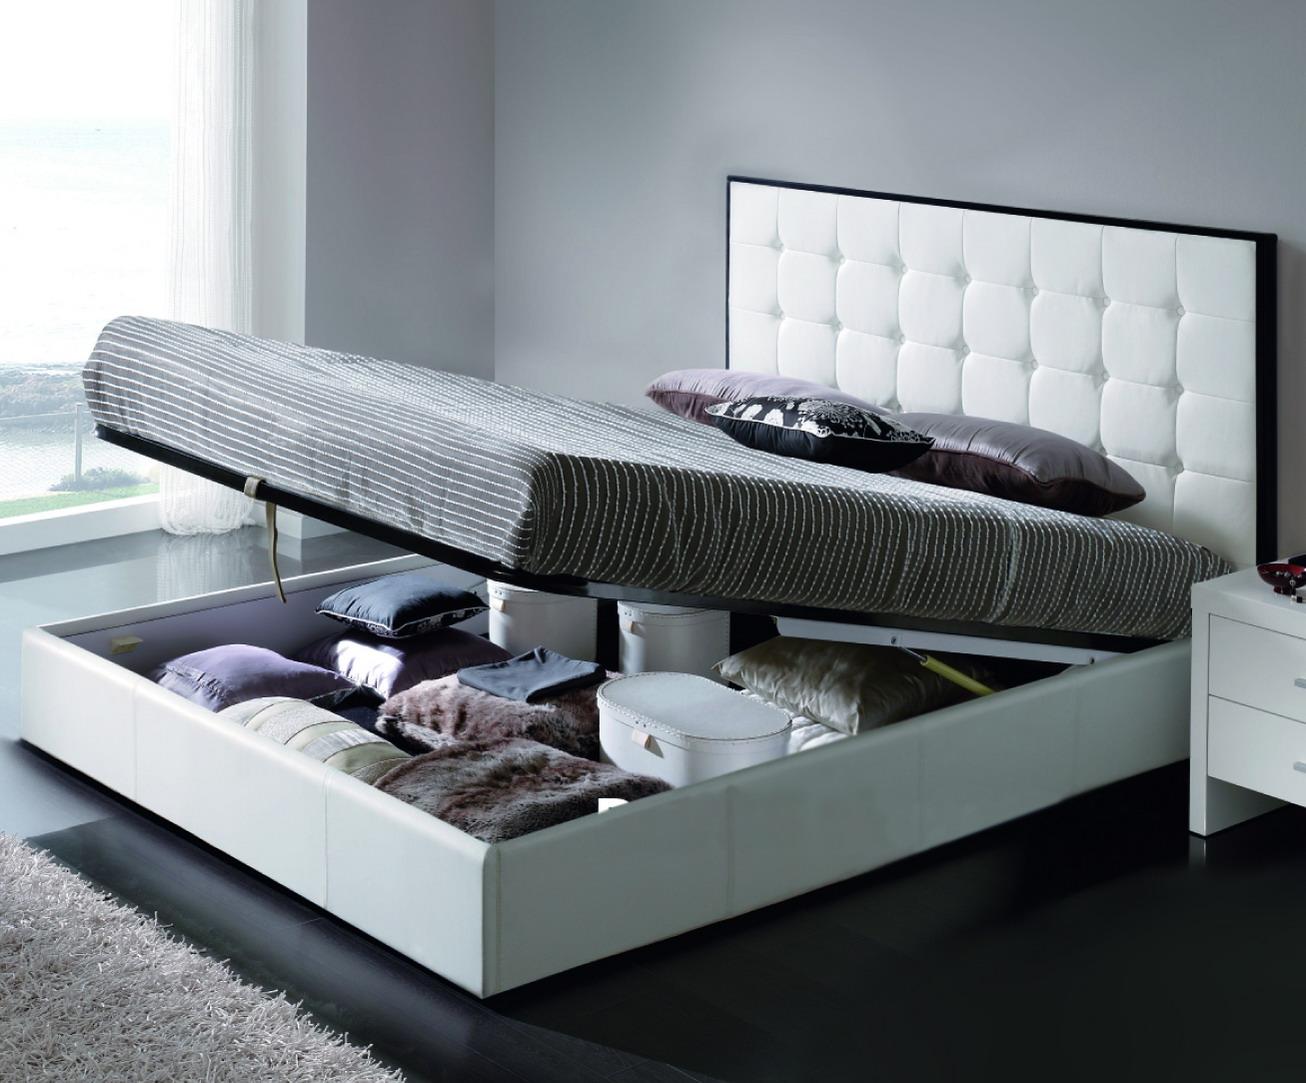 Практичная модель кровати для хранения вещей